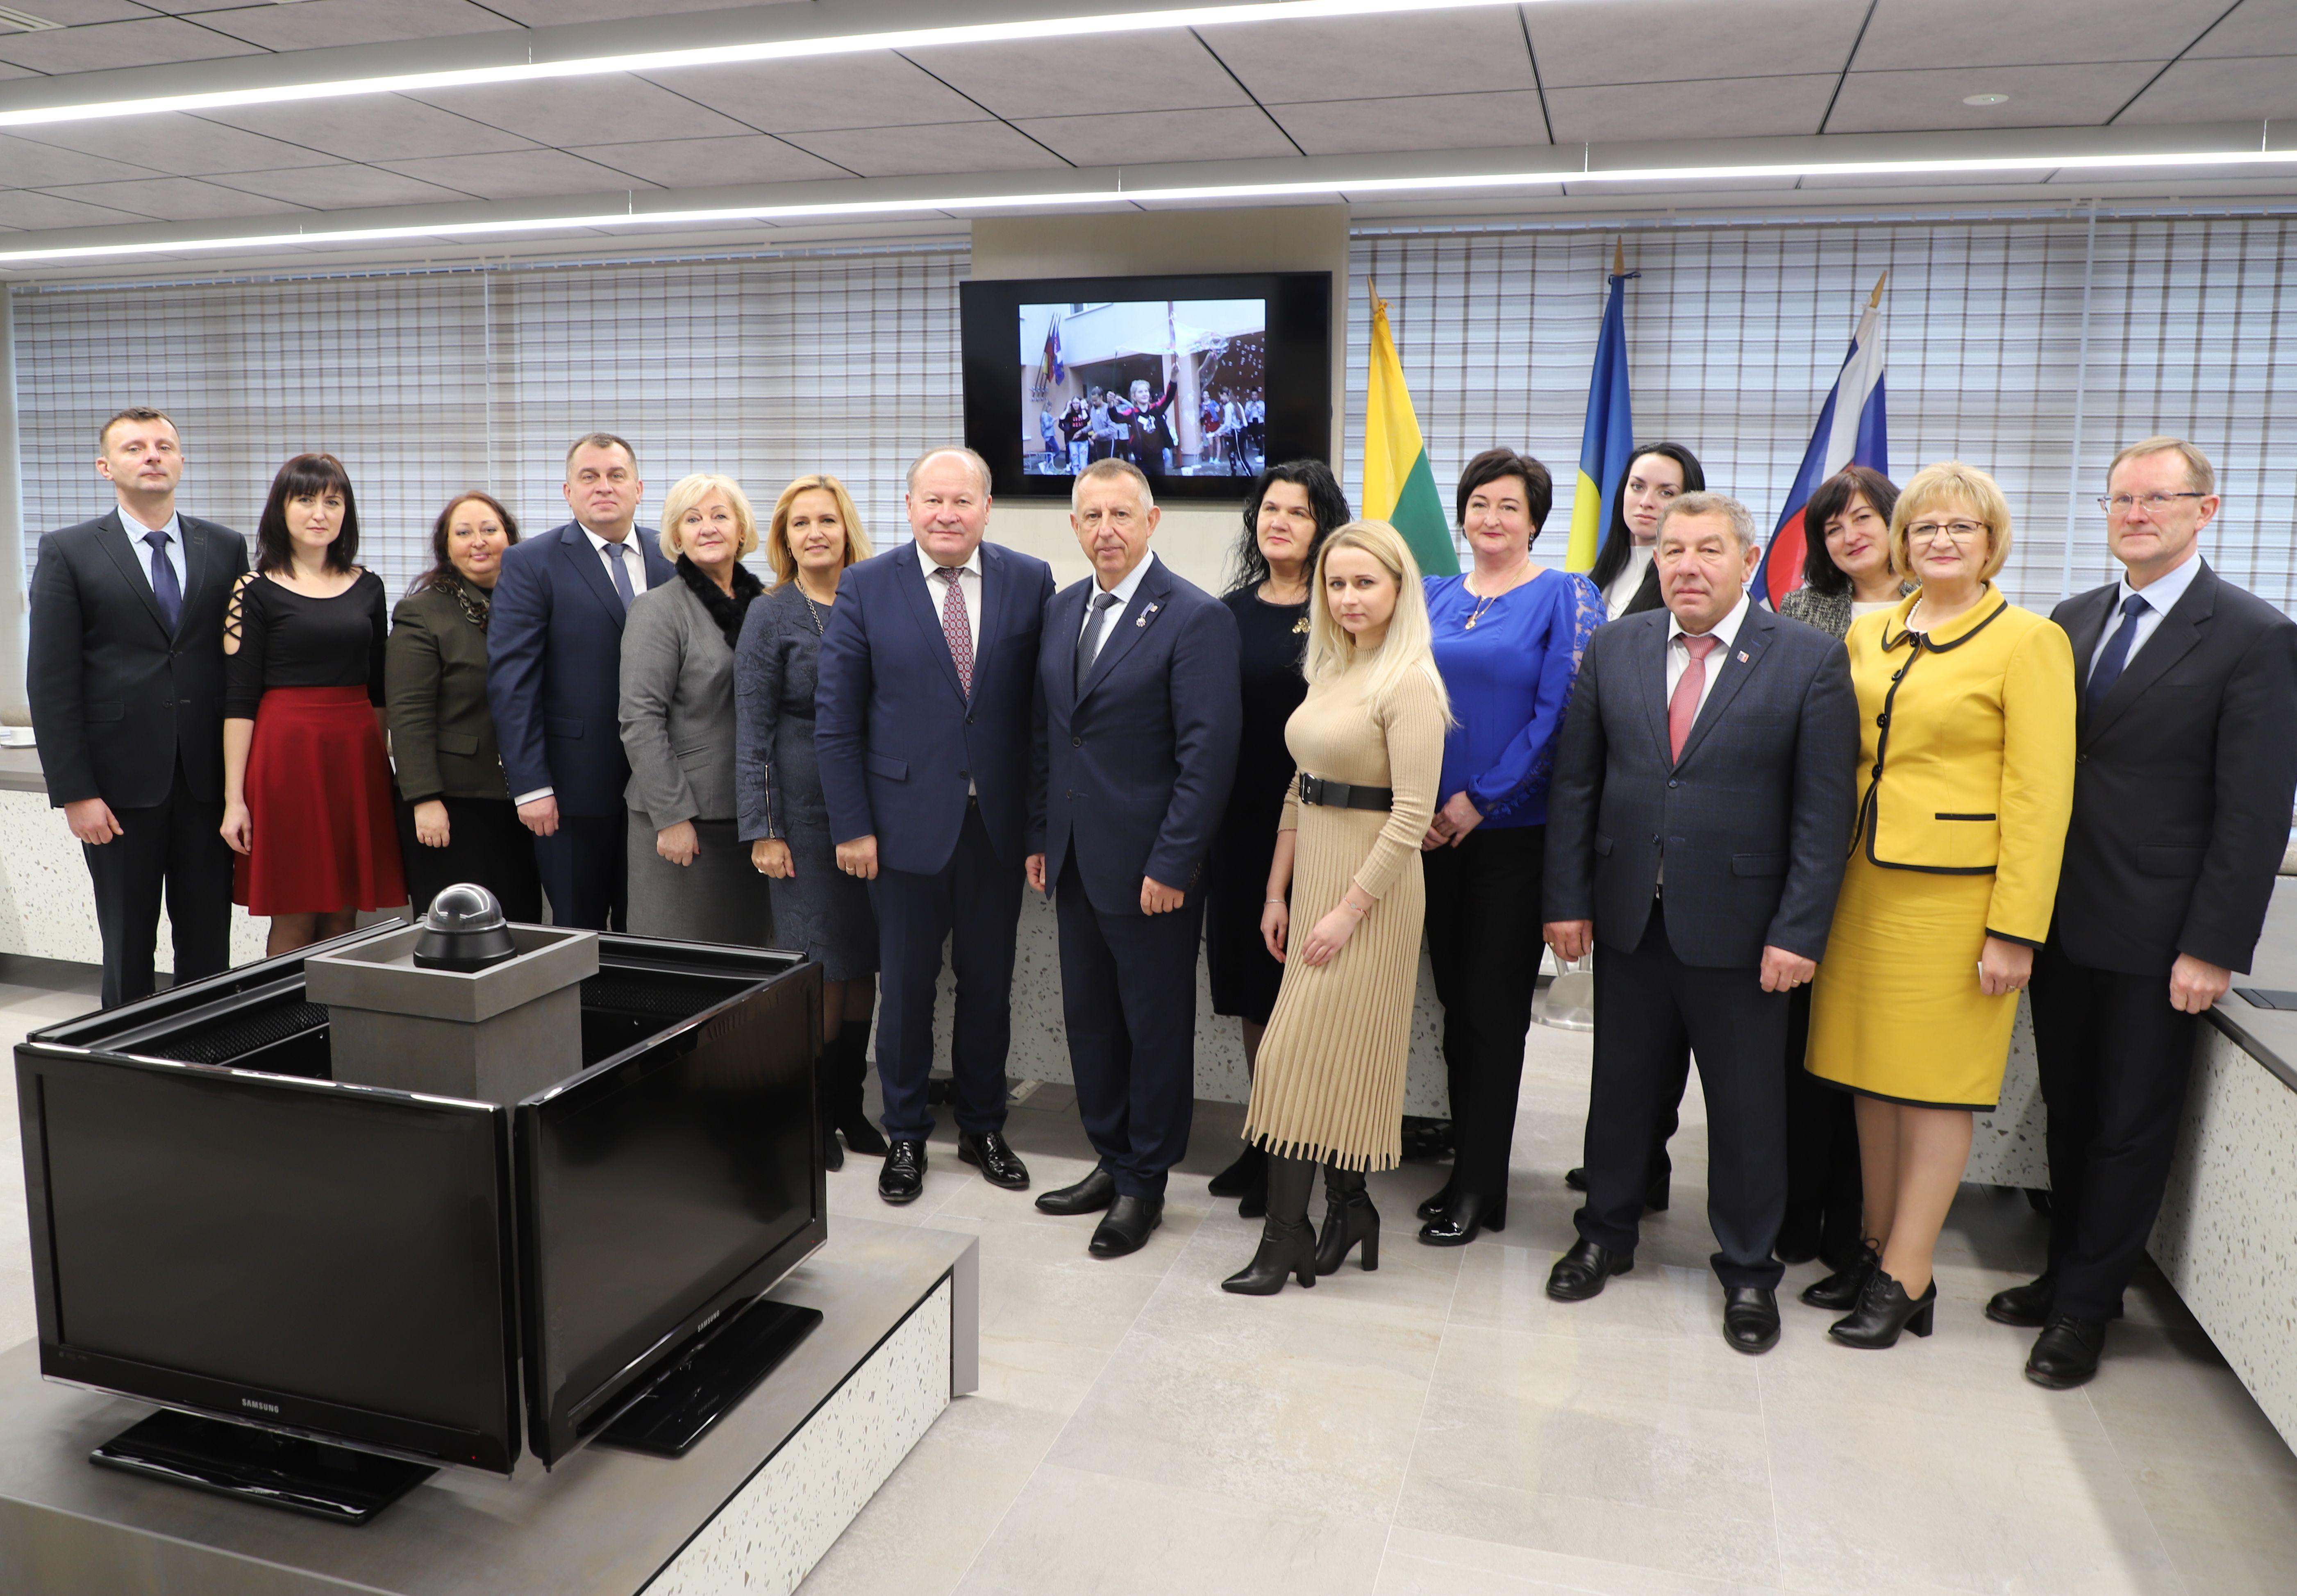 Ukrainos Užkarpatės 2019 delegacija Kauno rajono savivaldybėje   Kauno rajono savivaldybės nuotr.